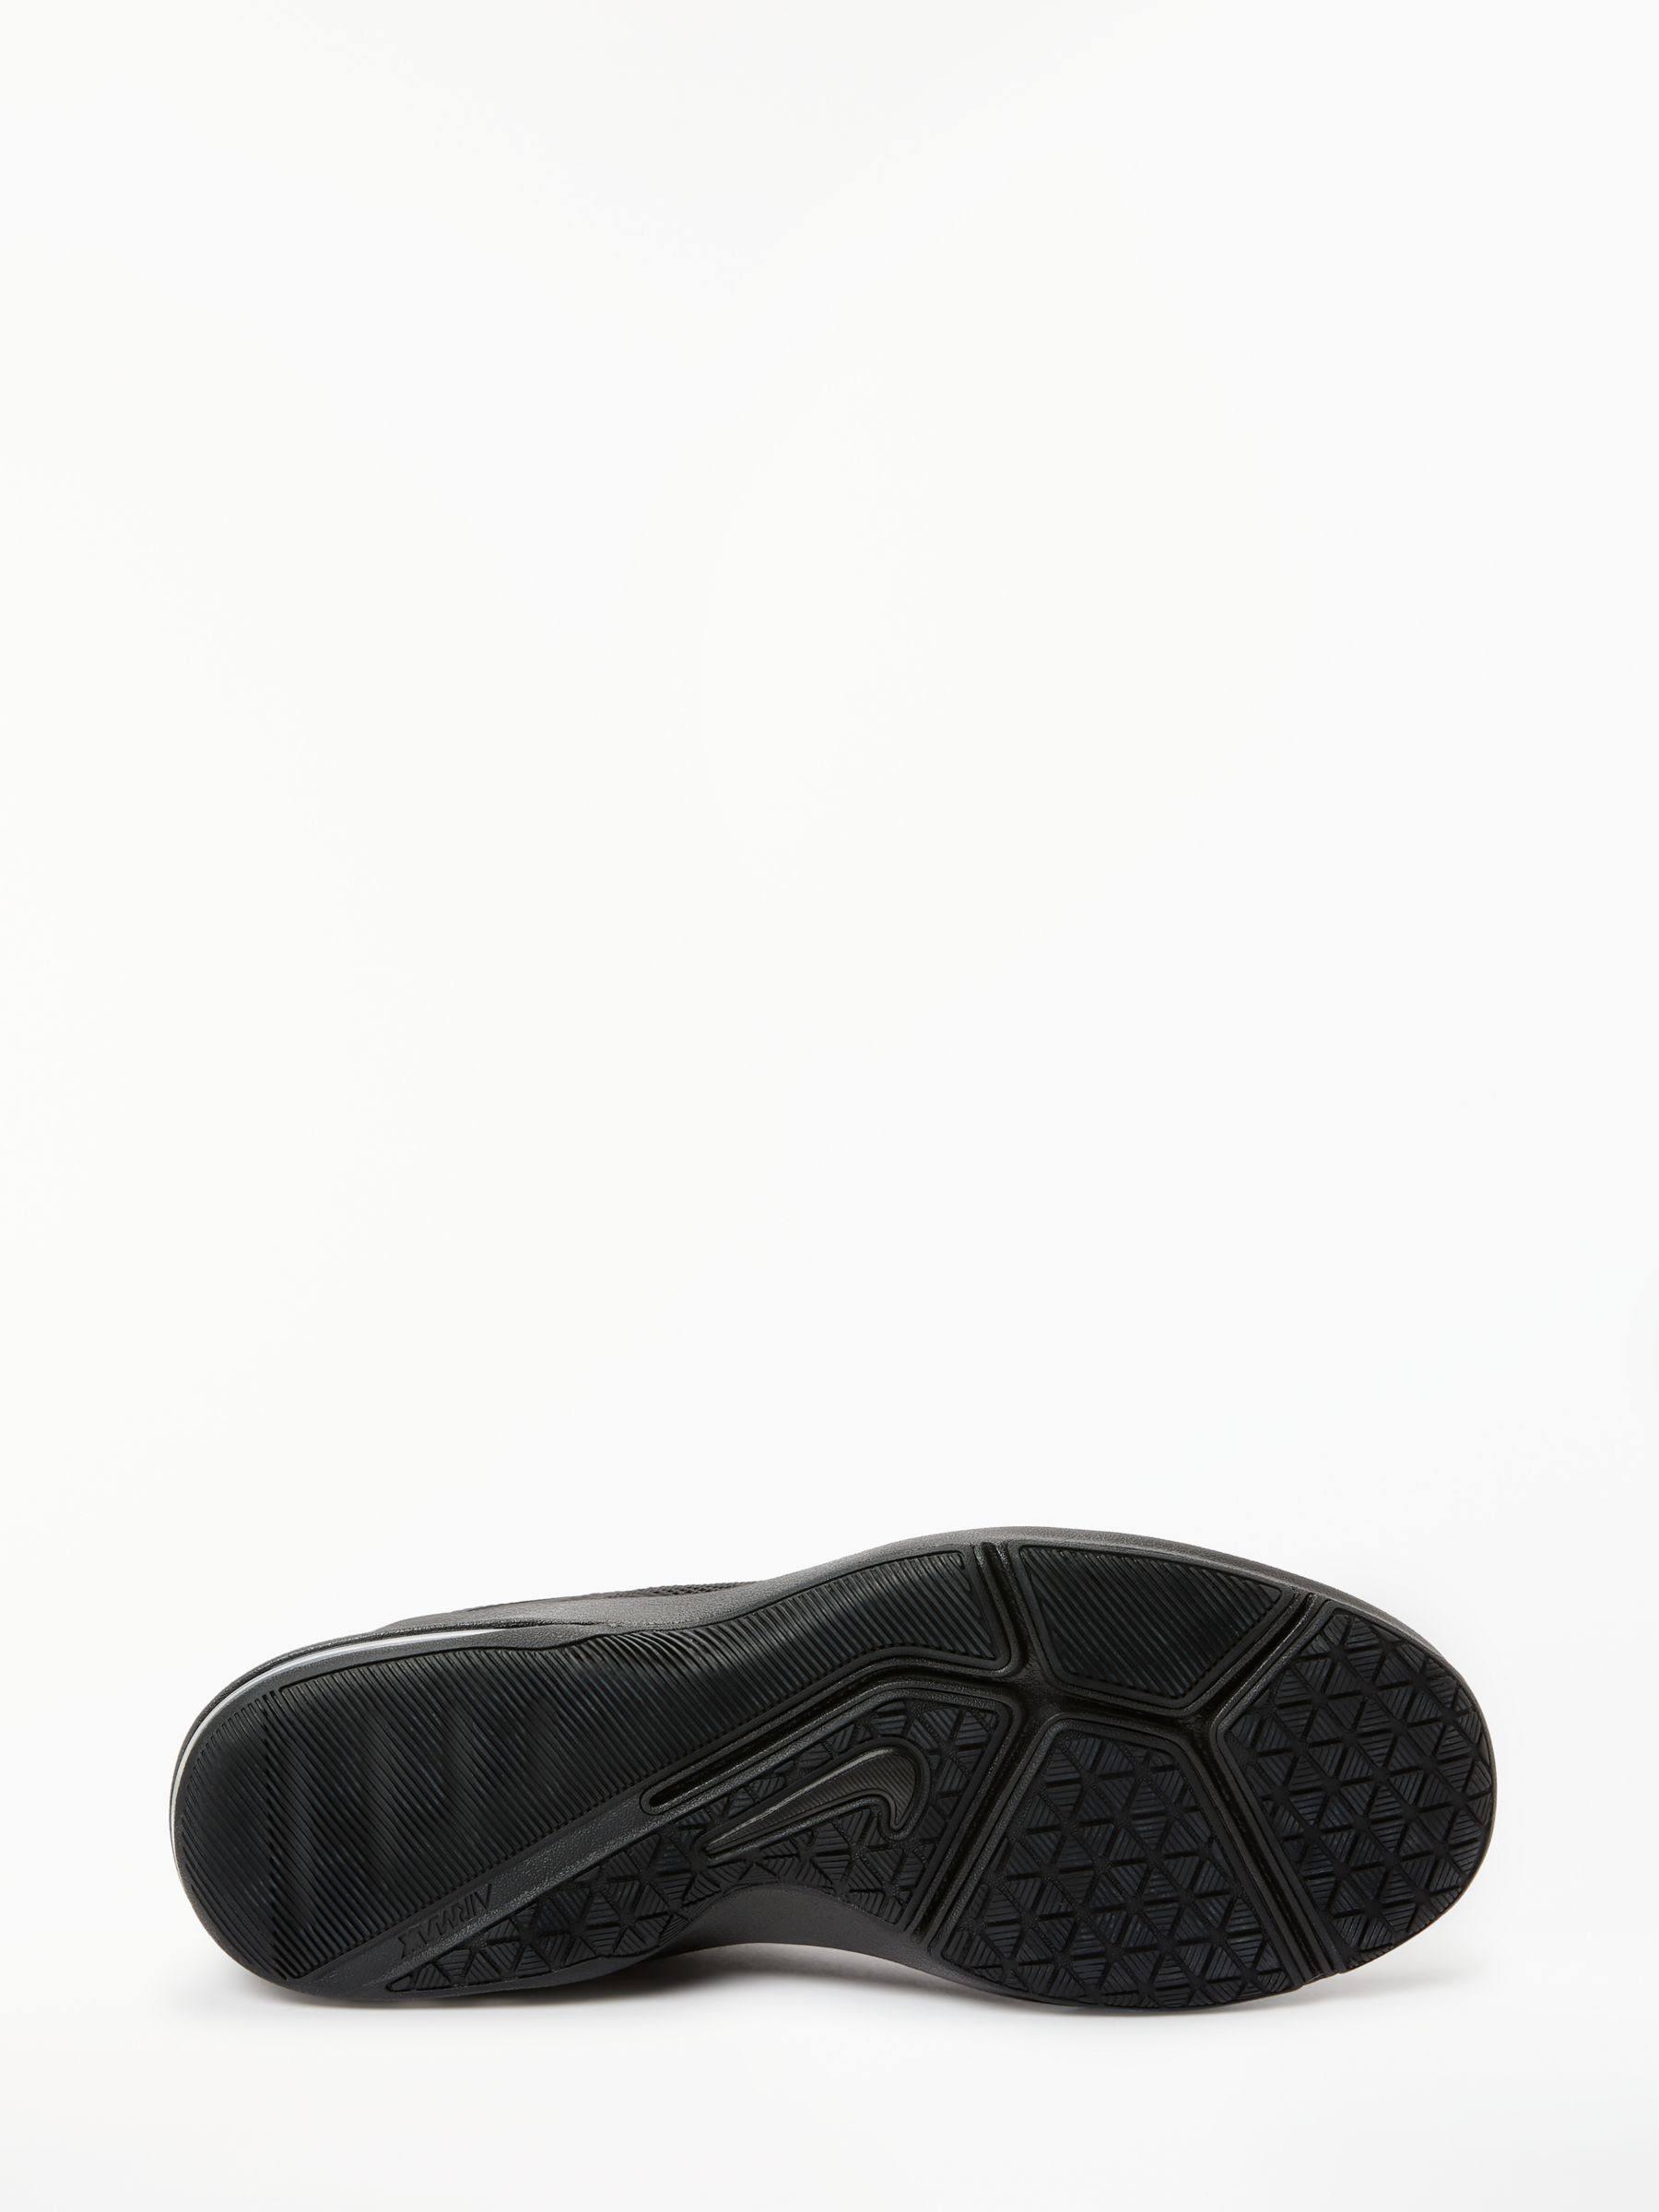 Uomo Grigio Alpha Da Scarpe Scuro Per Max Allenamento Air Nike EbW2eYHID9